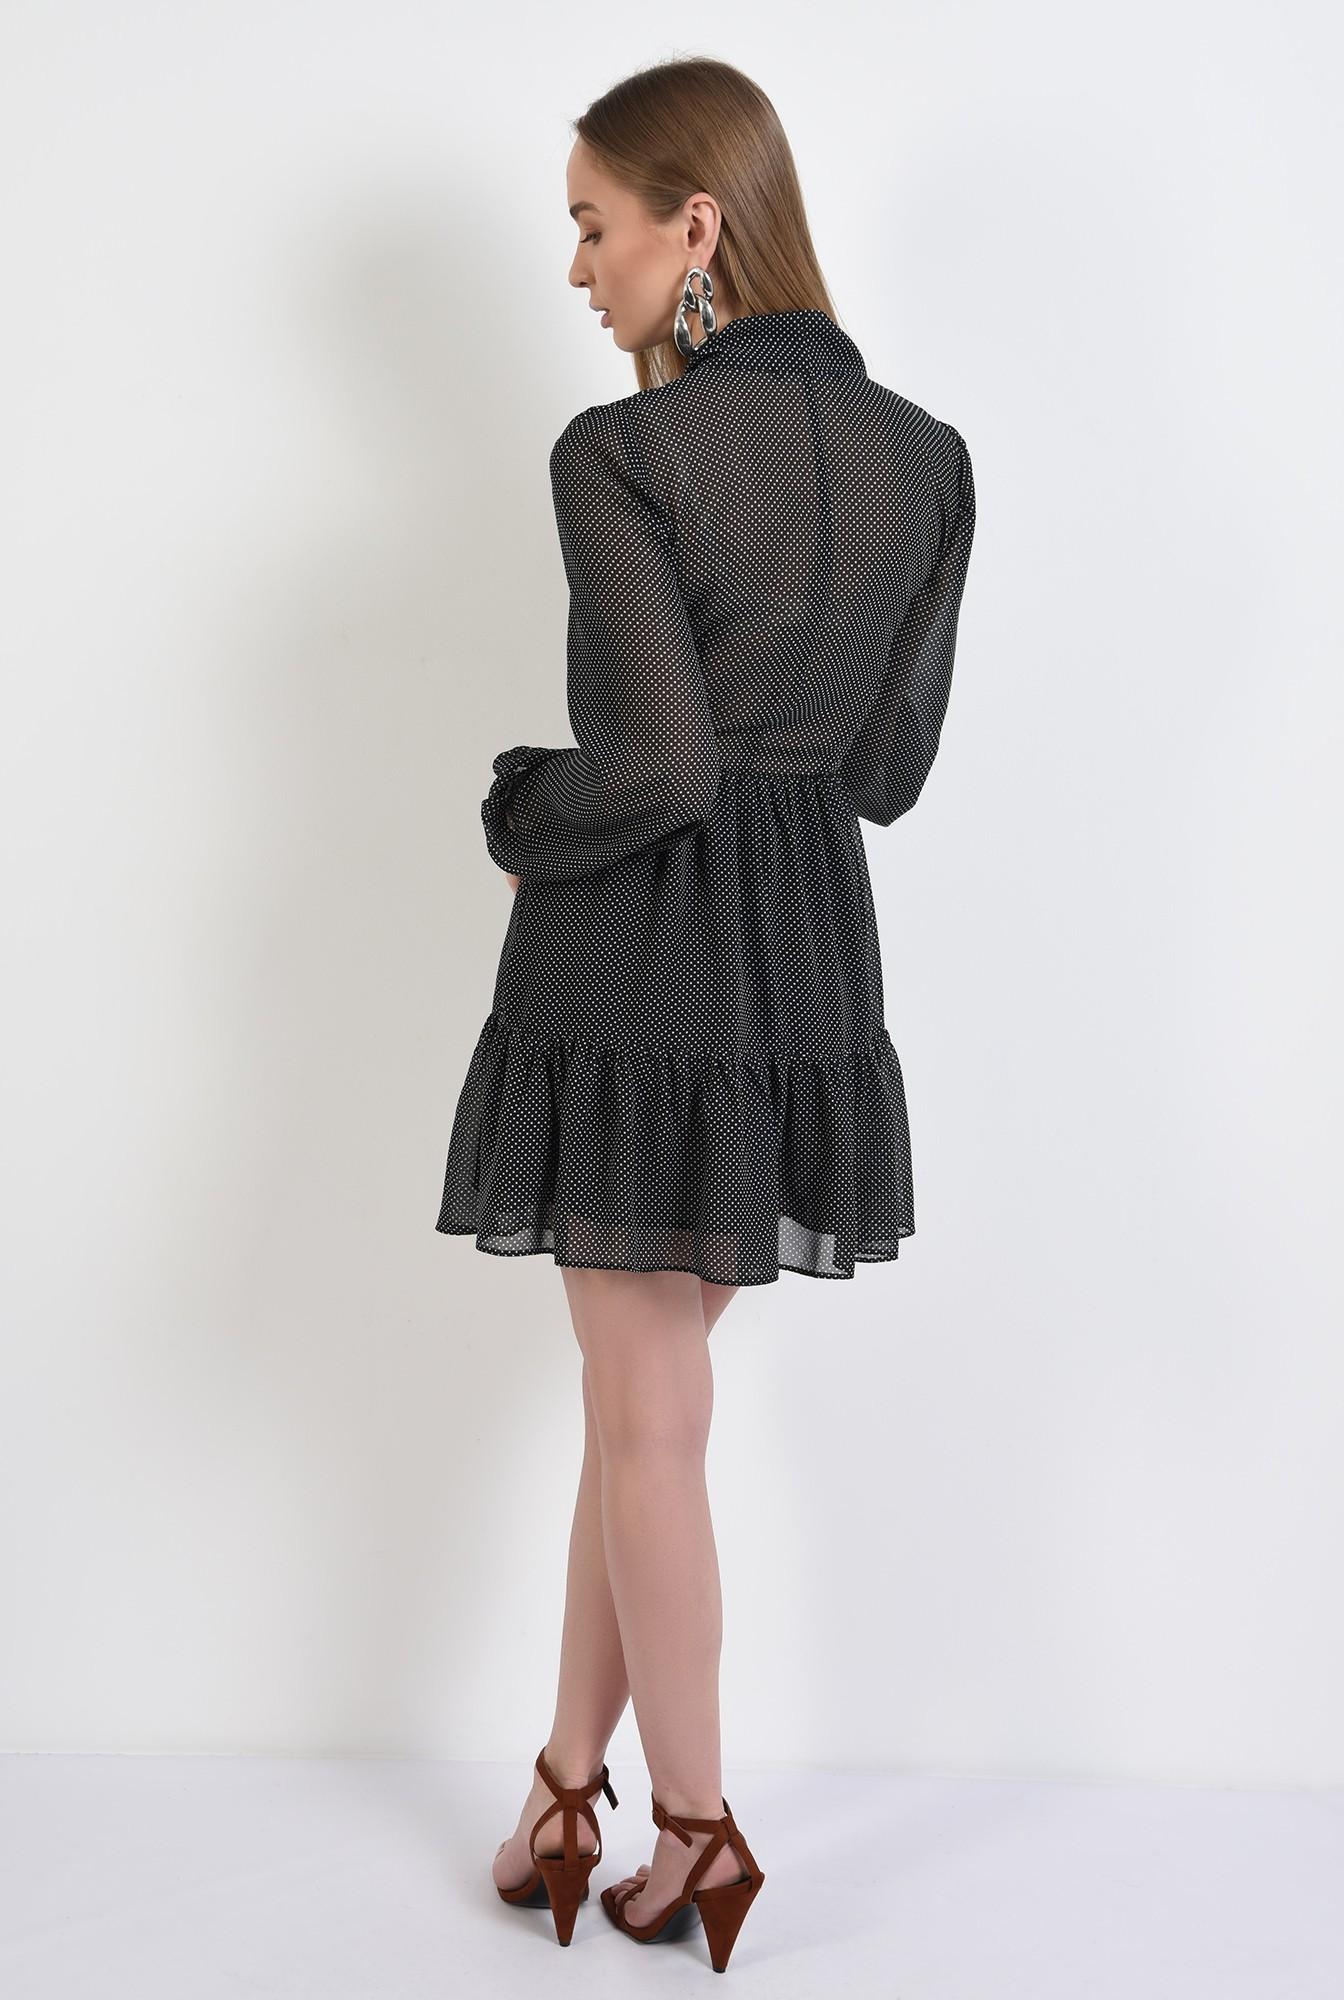 1 -  rochie mini, din voal, cu buline, maneci bufante, cu volan